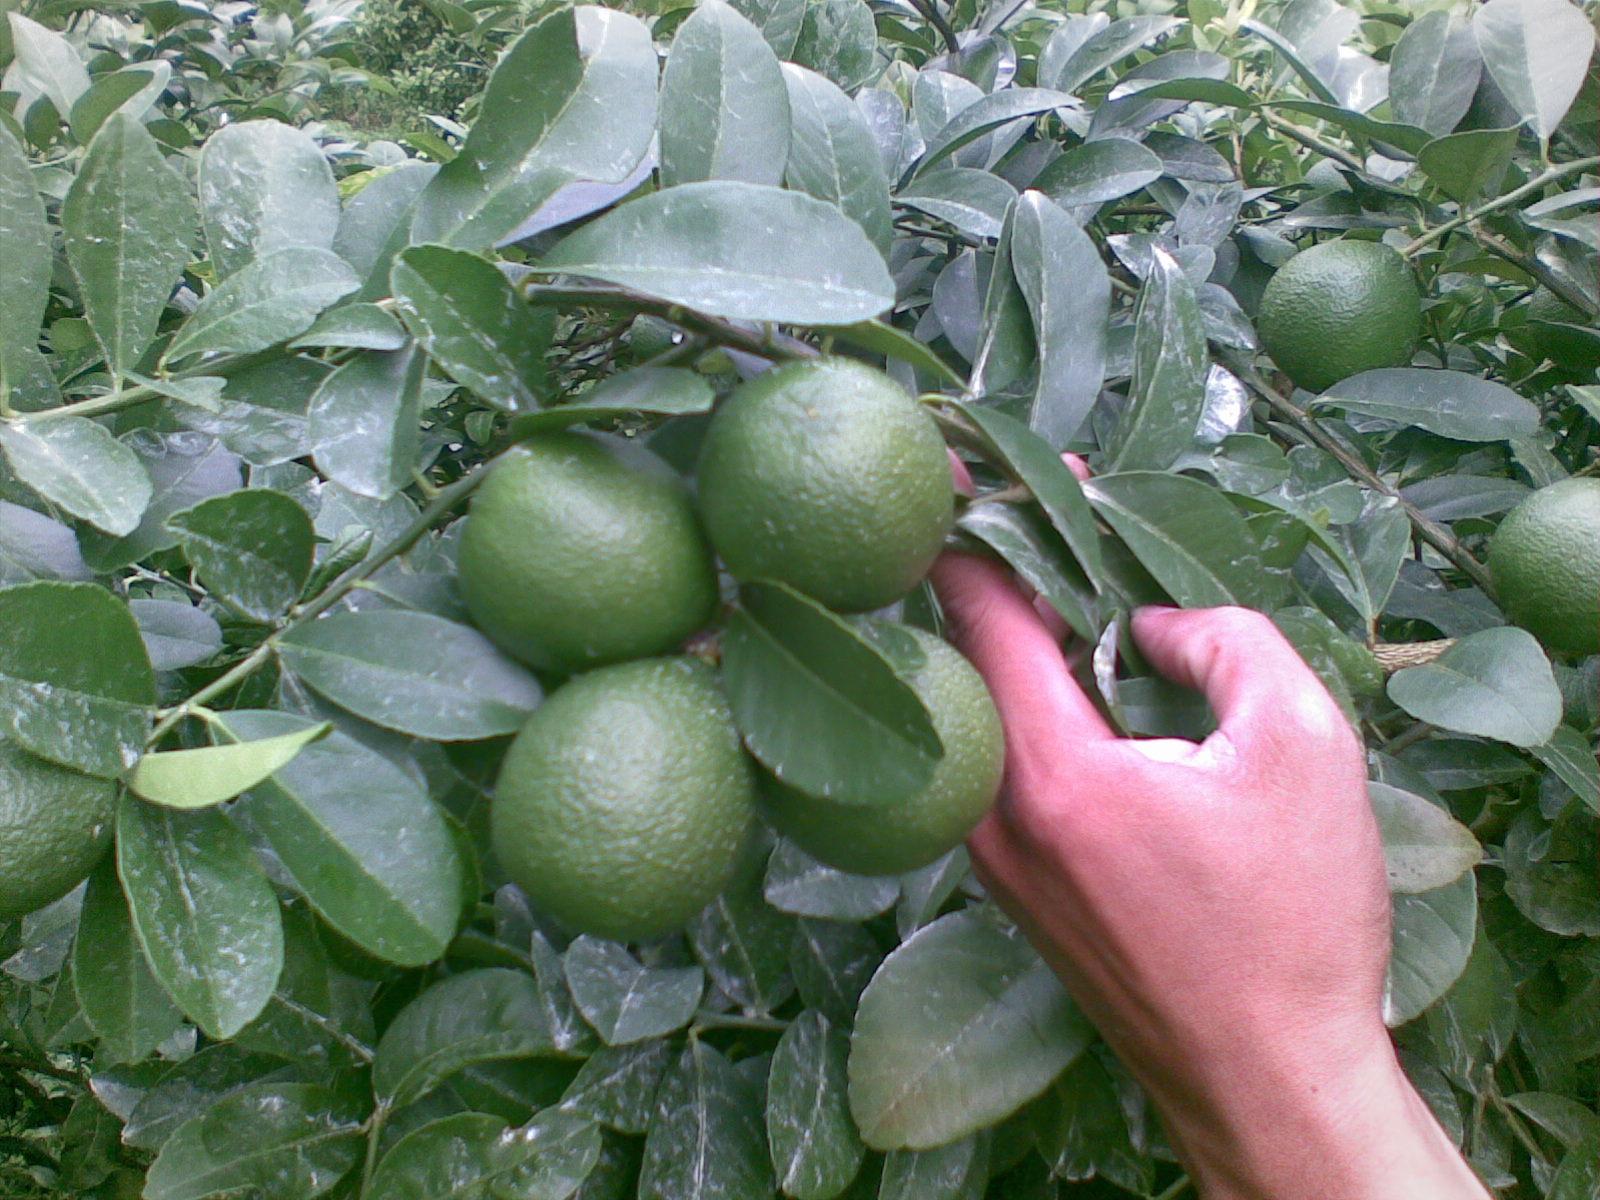 Kỹ thuật trồng cây chanh đơn giản, dễ chăm sóc.